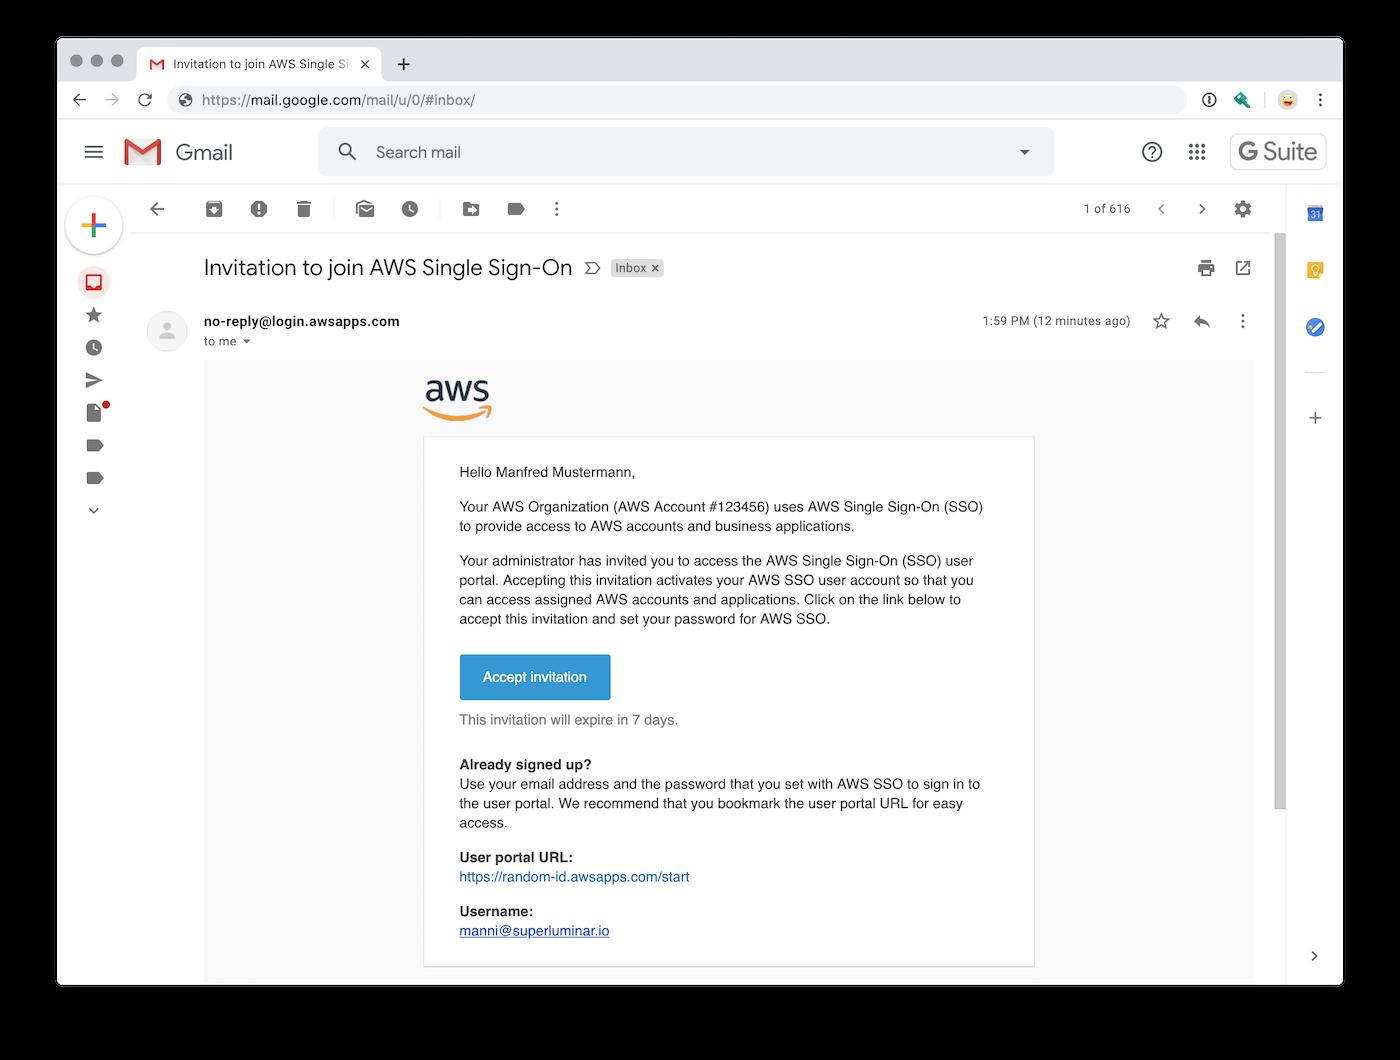 AWS Single Sign-On E-Mail mit Link zur Einladung